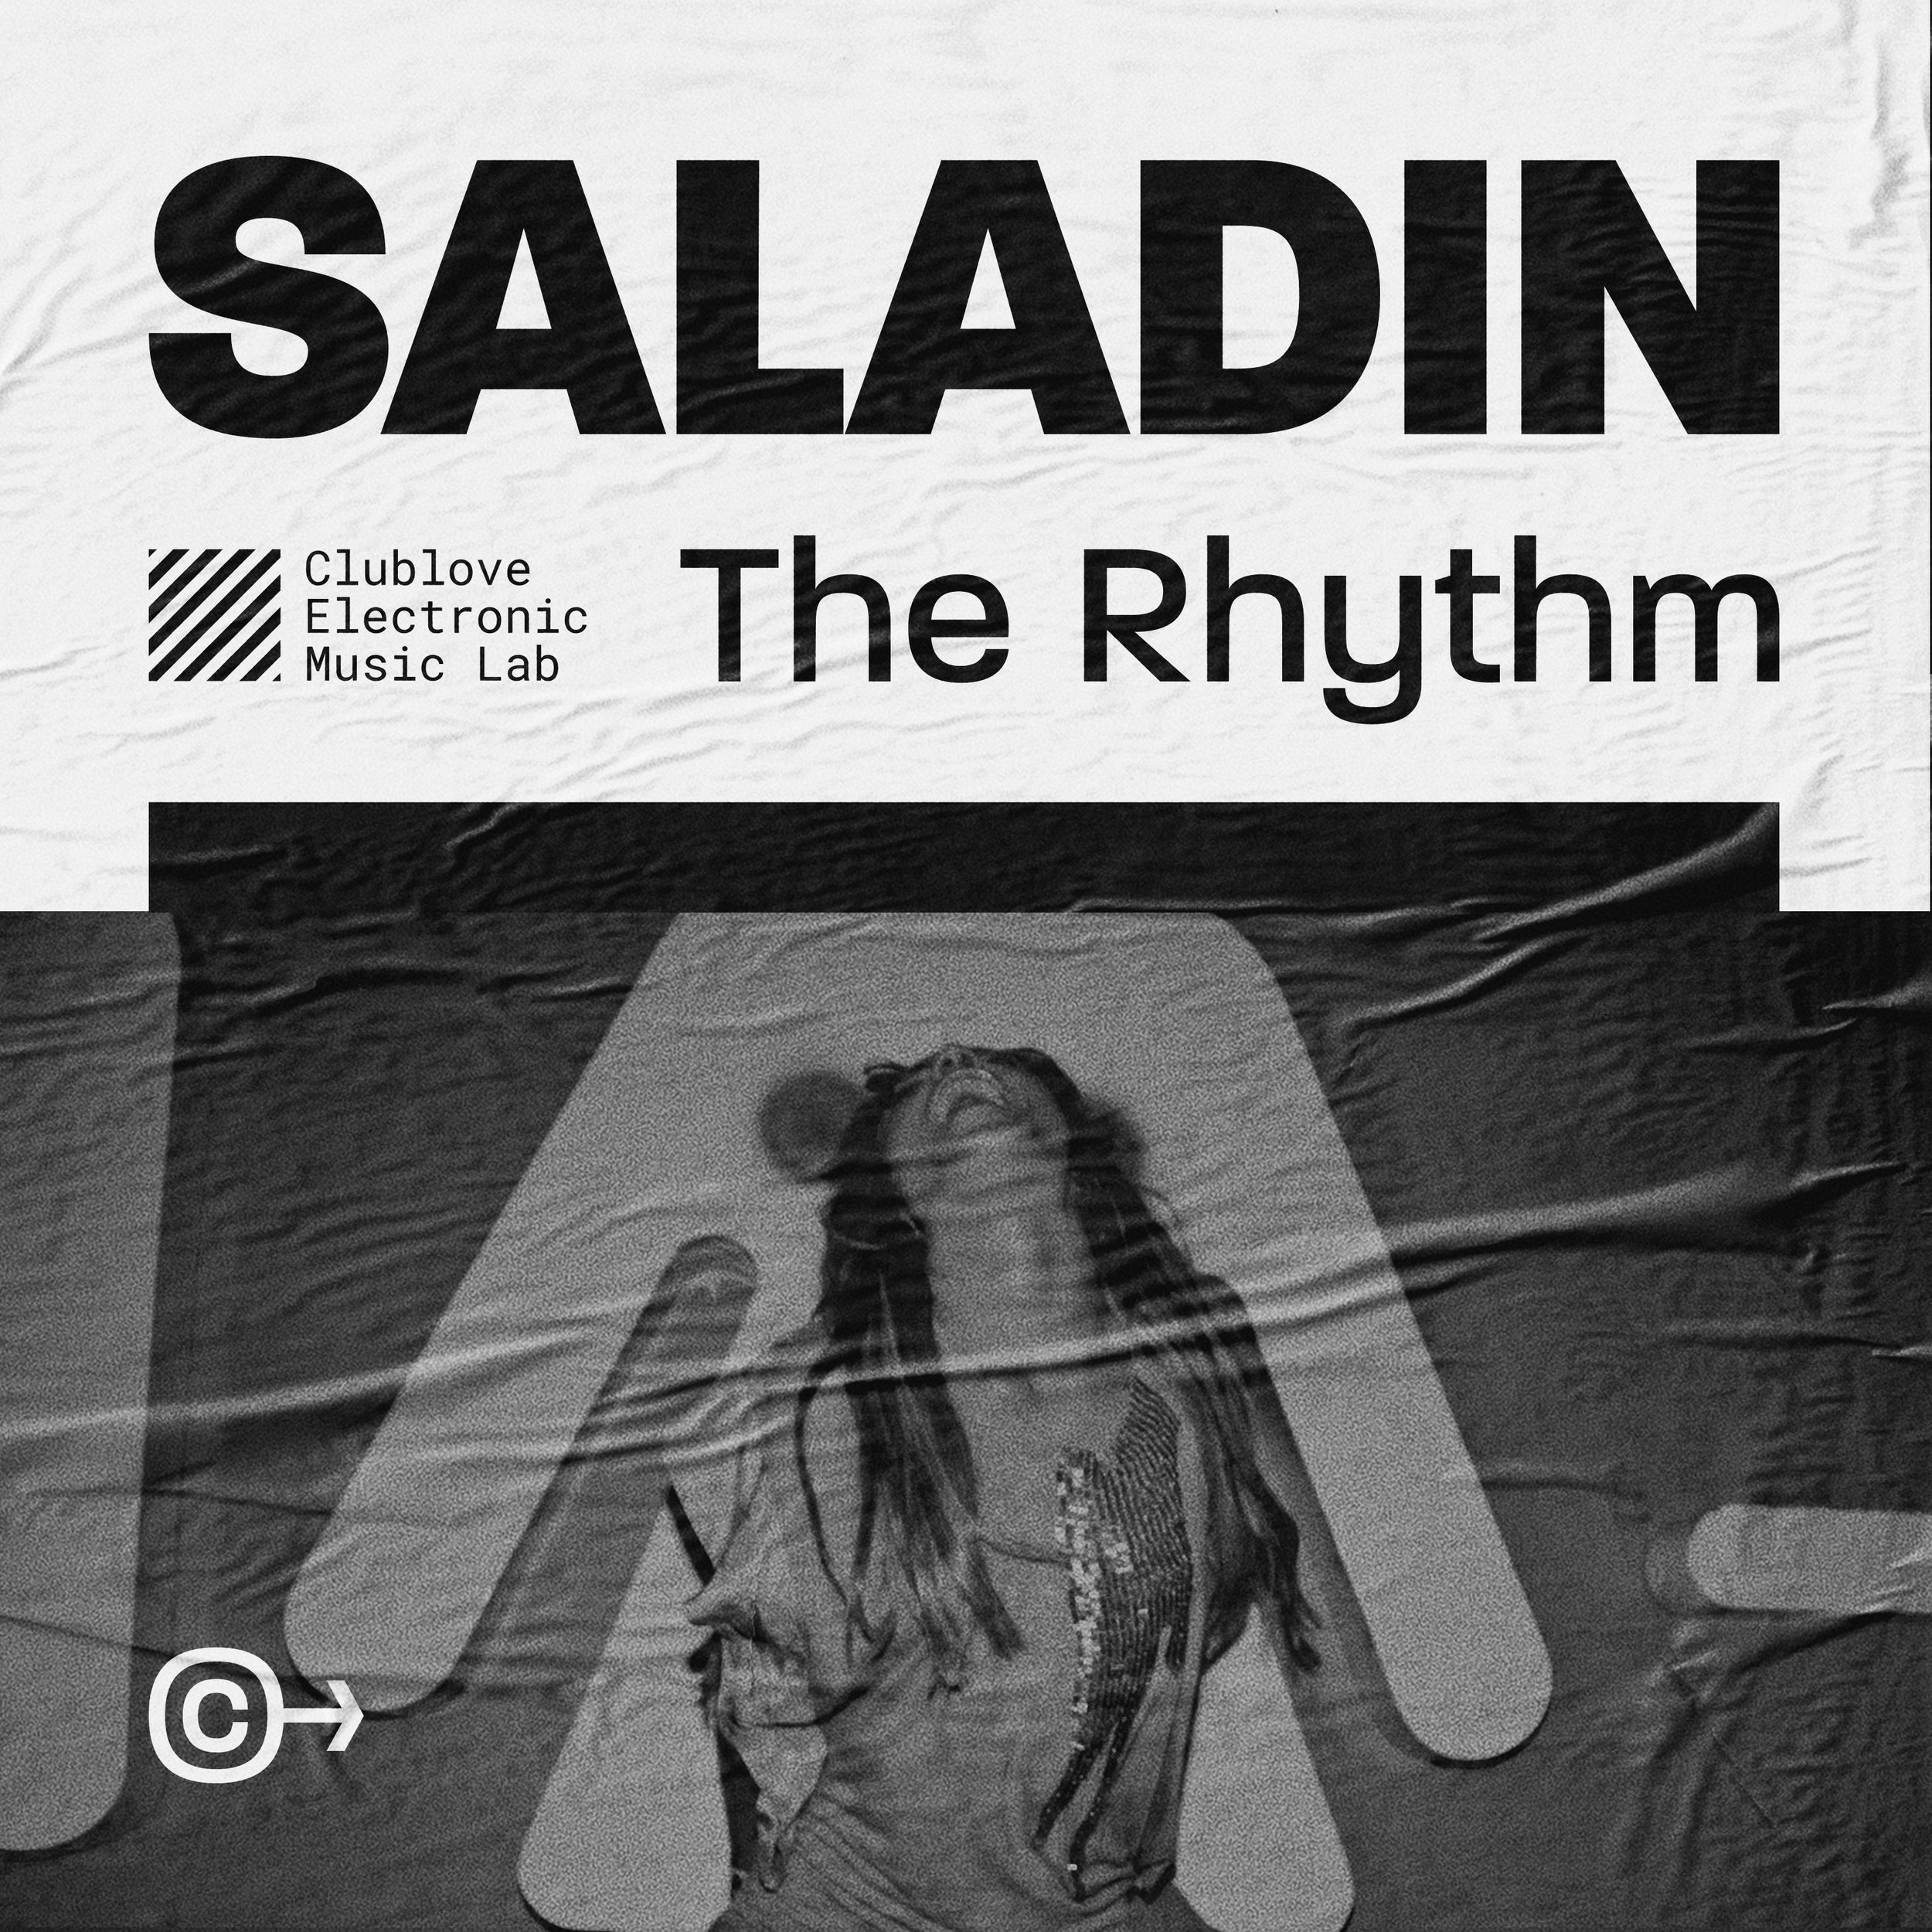 Clublove-Saladin-The-Rhythm-packshot.jpg